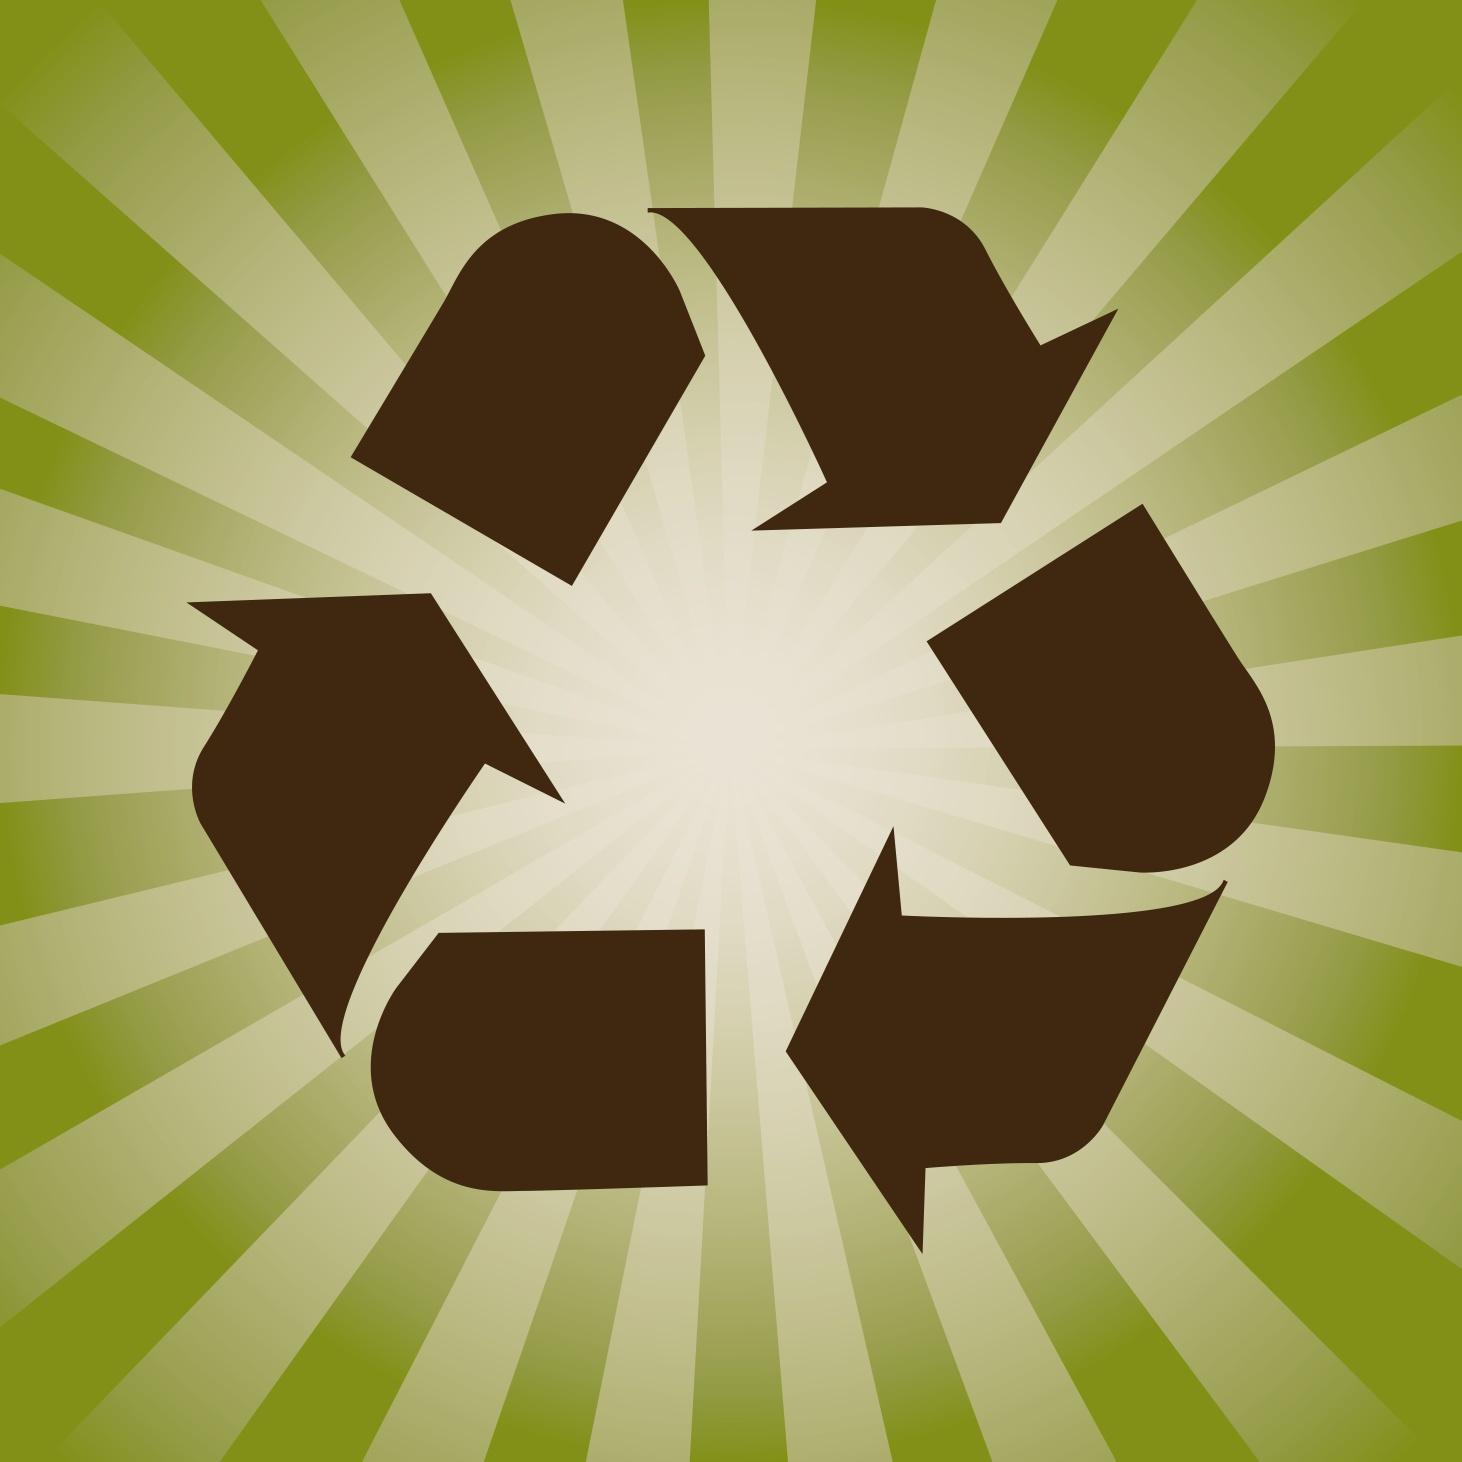 ¡Ya se están fabricando los nuevos contenedores para la recogida de materia orgánica domiciliaria!